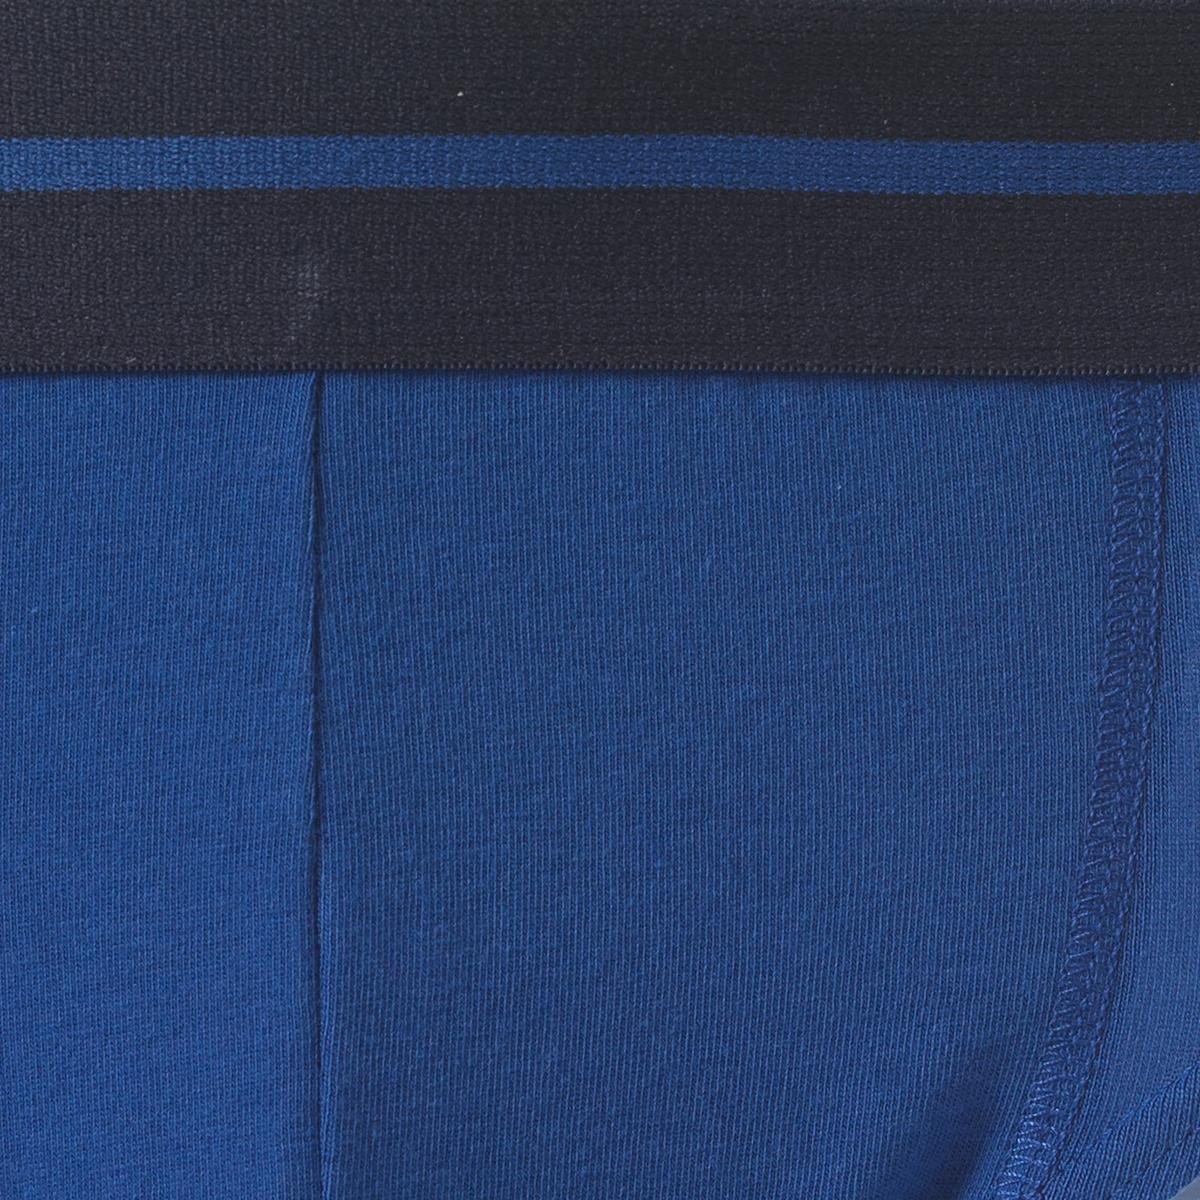 Комплект из 3 трусов-слипов из трикотажа джерсиТрусы-слипы из трикотажа джерси R essentiel.    Эластичный пояс с жаккардовым рисунком с 1 полосой. На подкладке спереди, декоративные швы флэтлок в тон. Двойная прострочка в тон. Этикетка из ткани. В комплекте 3 трусов-слипов: 1 трусы-слипы с рисунком + 1 однотонные трусы-слипы + 1 трусы-слипы в полоску. Состав и описаниеМатериал : 95% хлопка, 5% эластанаМарка : R essentielУходМашинная стирка при 40 °CСтирать с вещами схожих цветовГладить при низкой температуреНе гладить эластичный пояс<br><br>Цвет: Синий + синий рисунок + синяя полоска<br>Размер: L.M